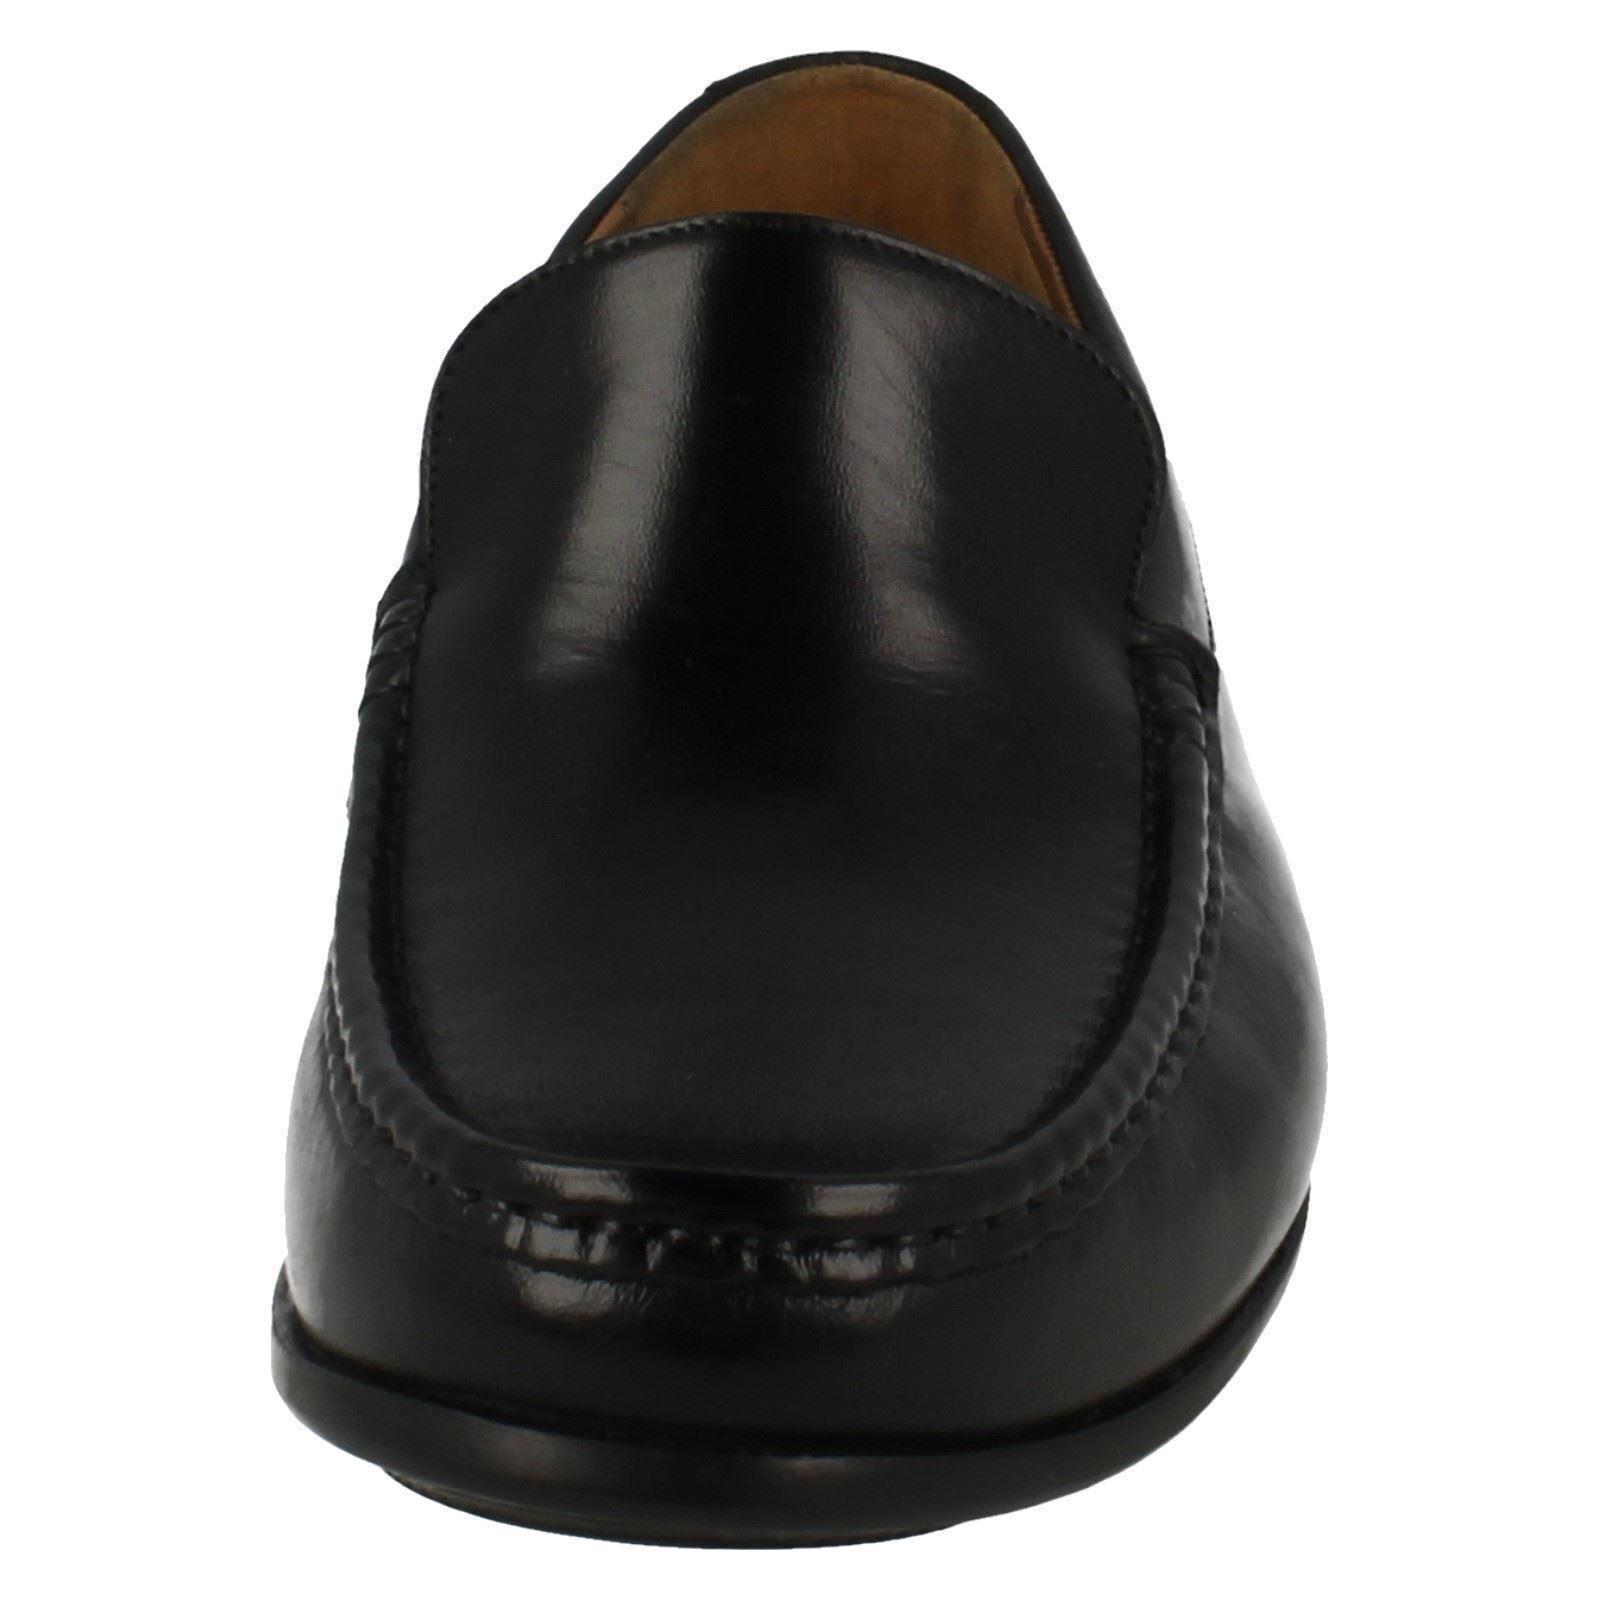 CLARKS enfiler hommes chaussures habillées à enfiler CLARKS Claude Uni 41d9a5